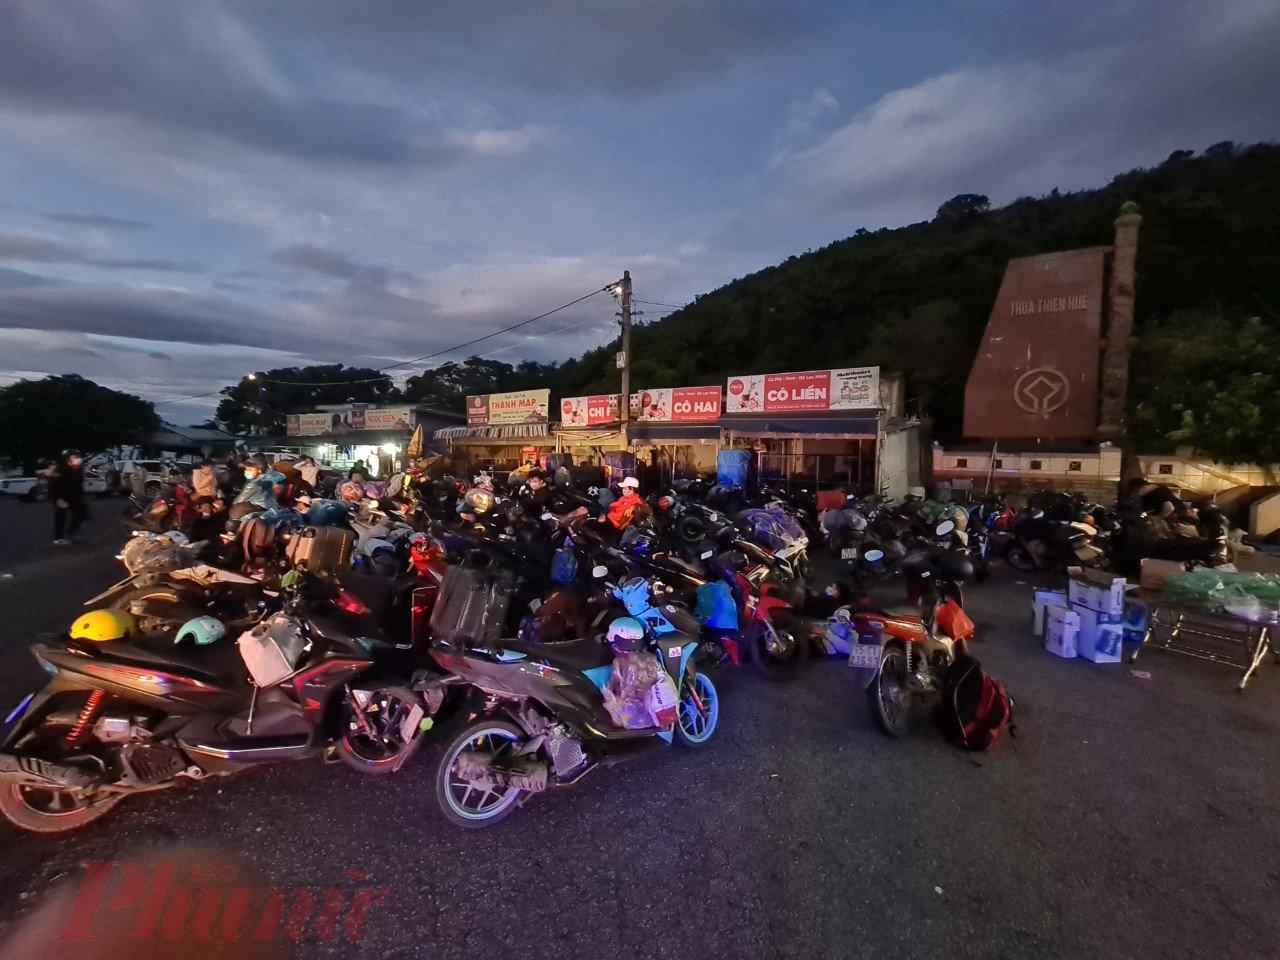 Công an TP.Đà Nẵng cho hay, lúc 17g ngày 24/7, CATP nhận thông tin có khoảng hơn 100 xe máy với gần 200 người từ TP.HCM theo đường Hồ Chí Minh về các tỉnh phía Bắc tránh dịch, sẽ di chuyển qua địa bàn thành phố.